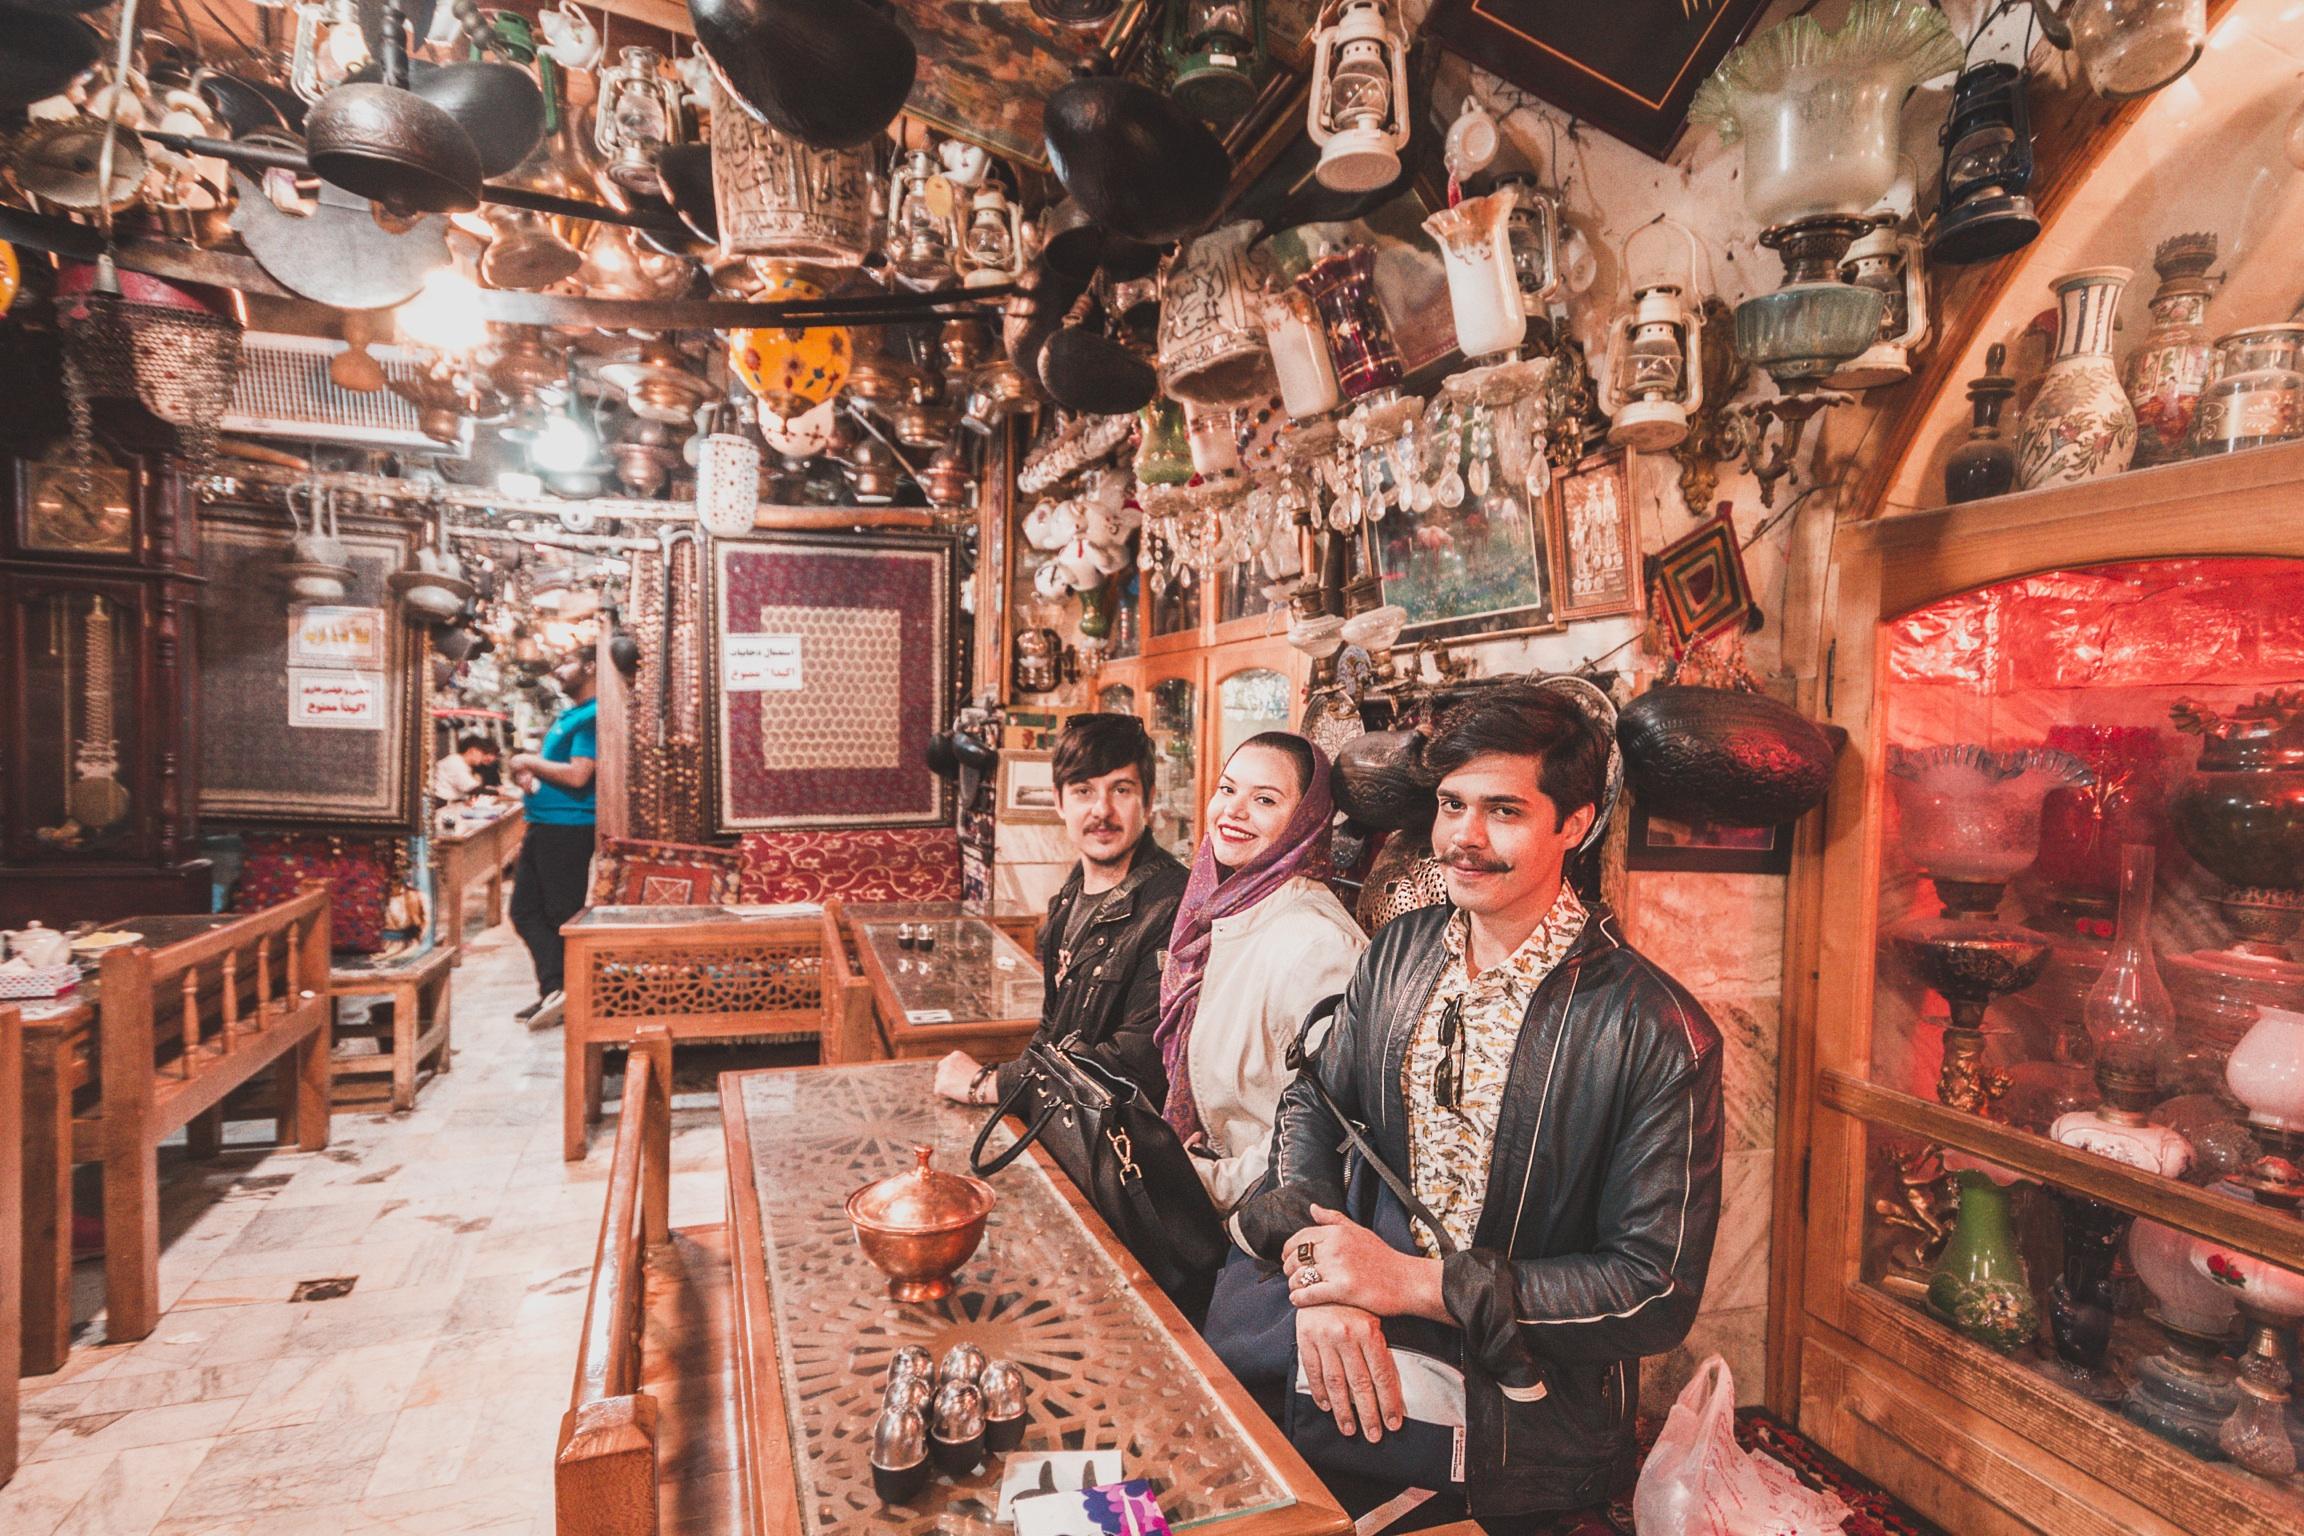 O que comprar e quanto custa as lembranças e souvenirs no Irã